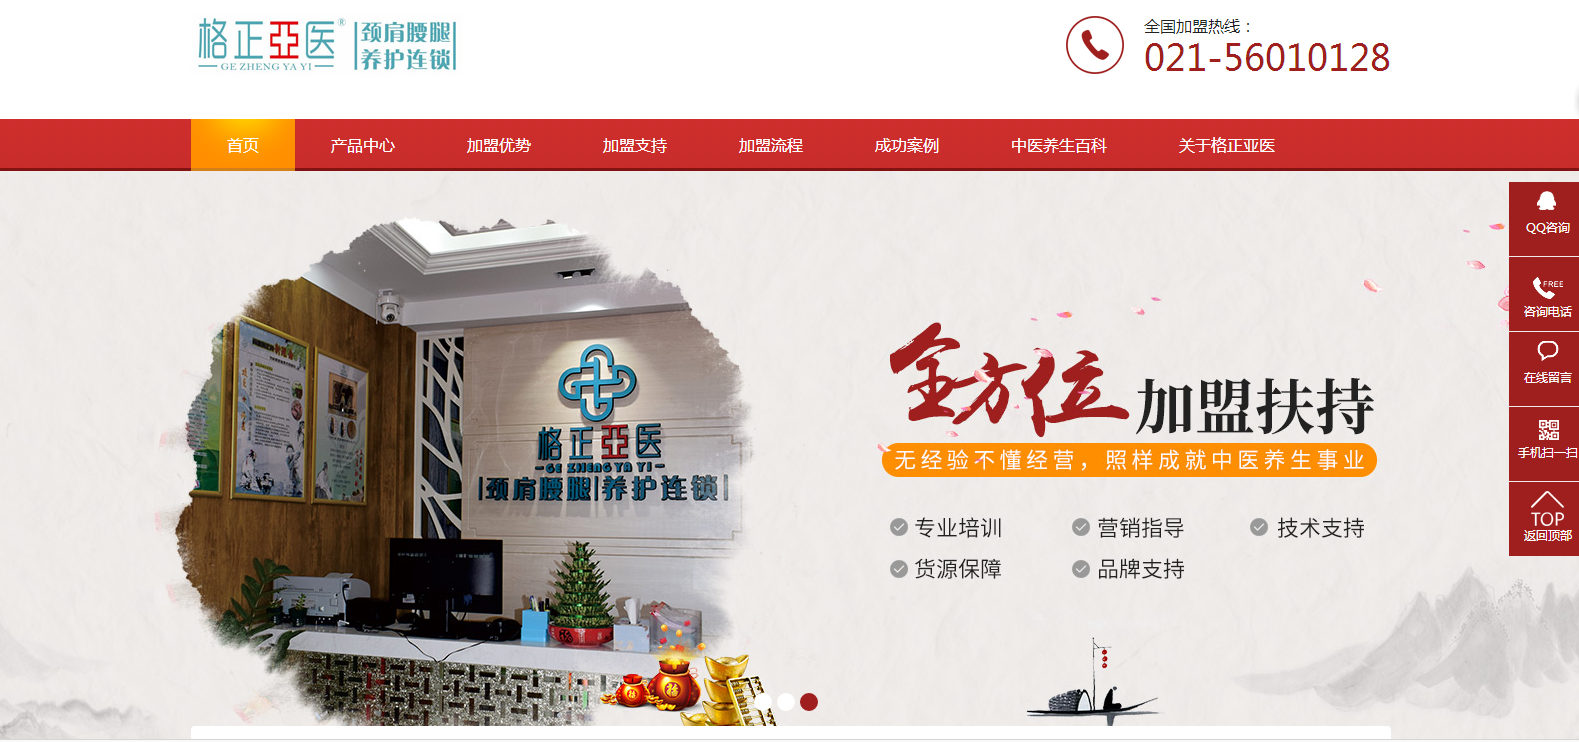 格正亚医中医养生加盟营销型网站案例,追马网